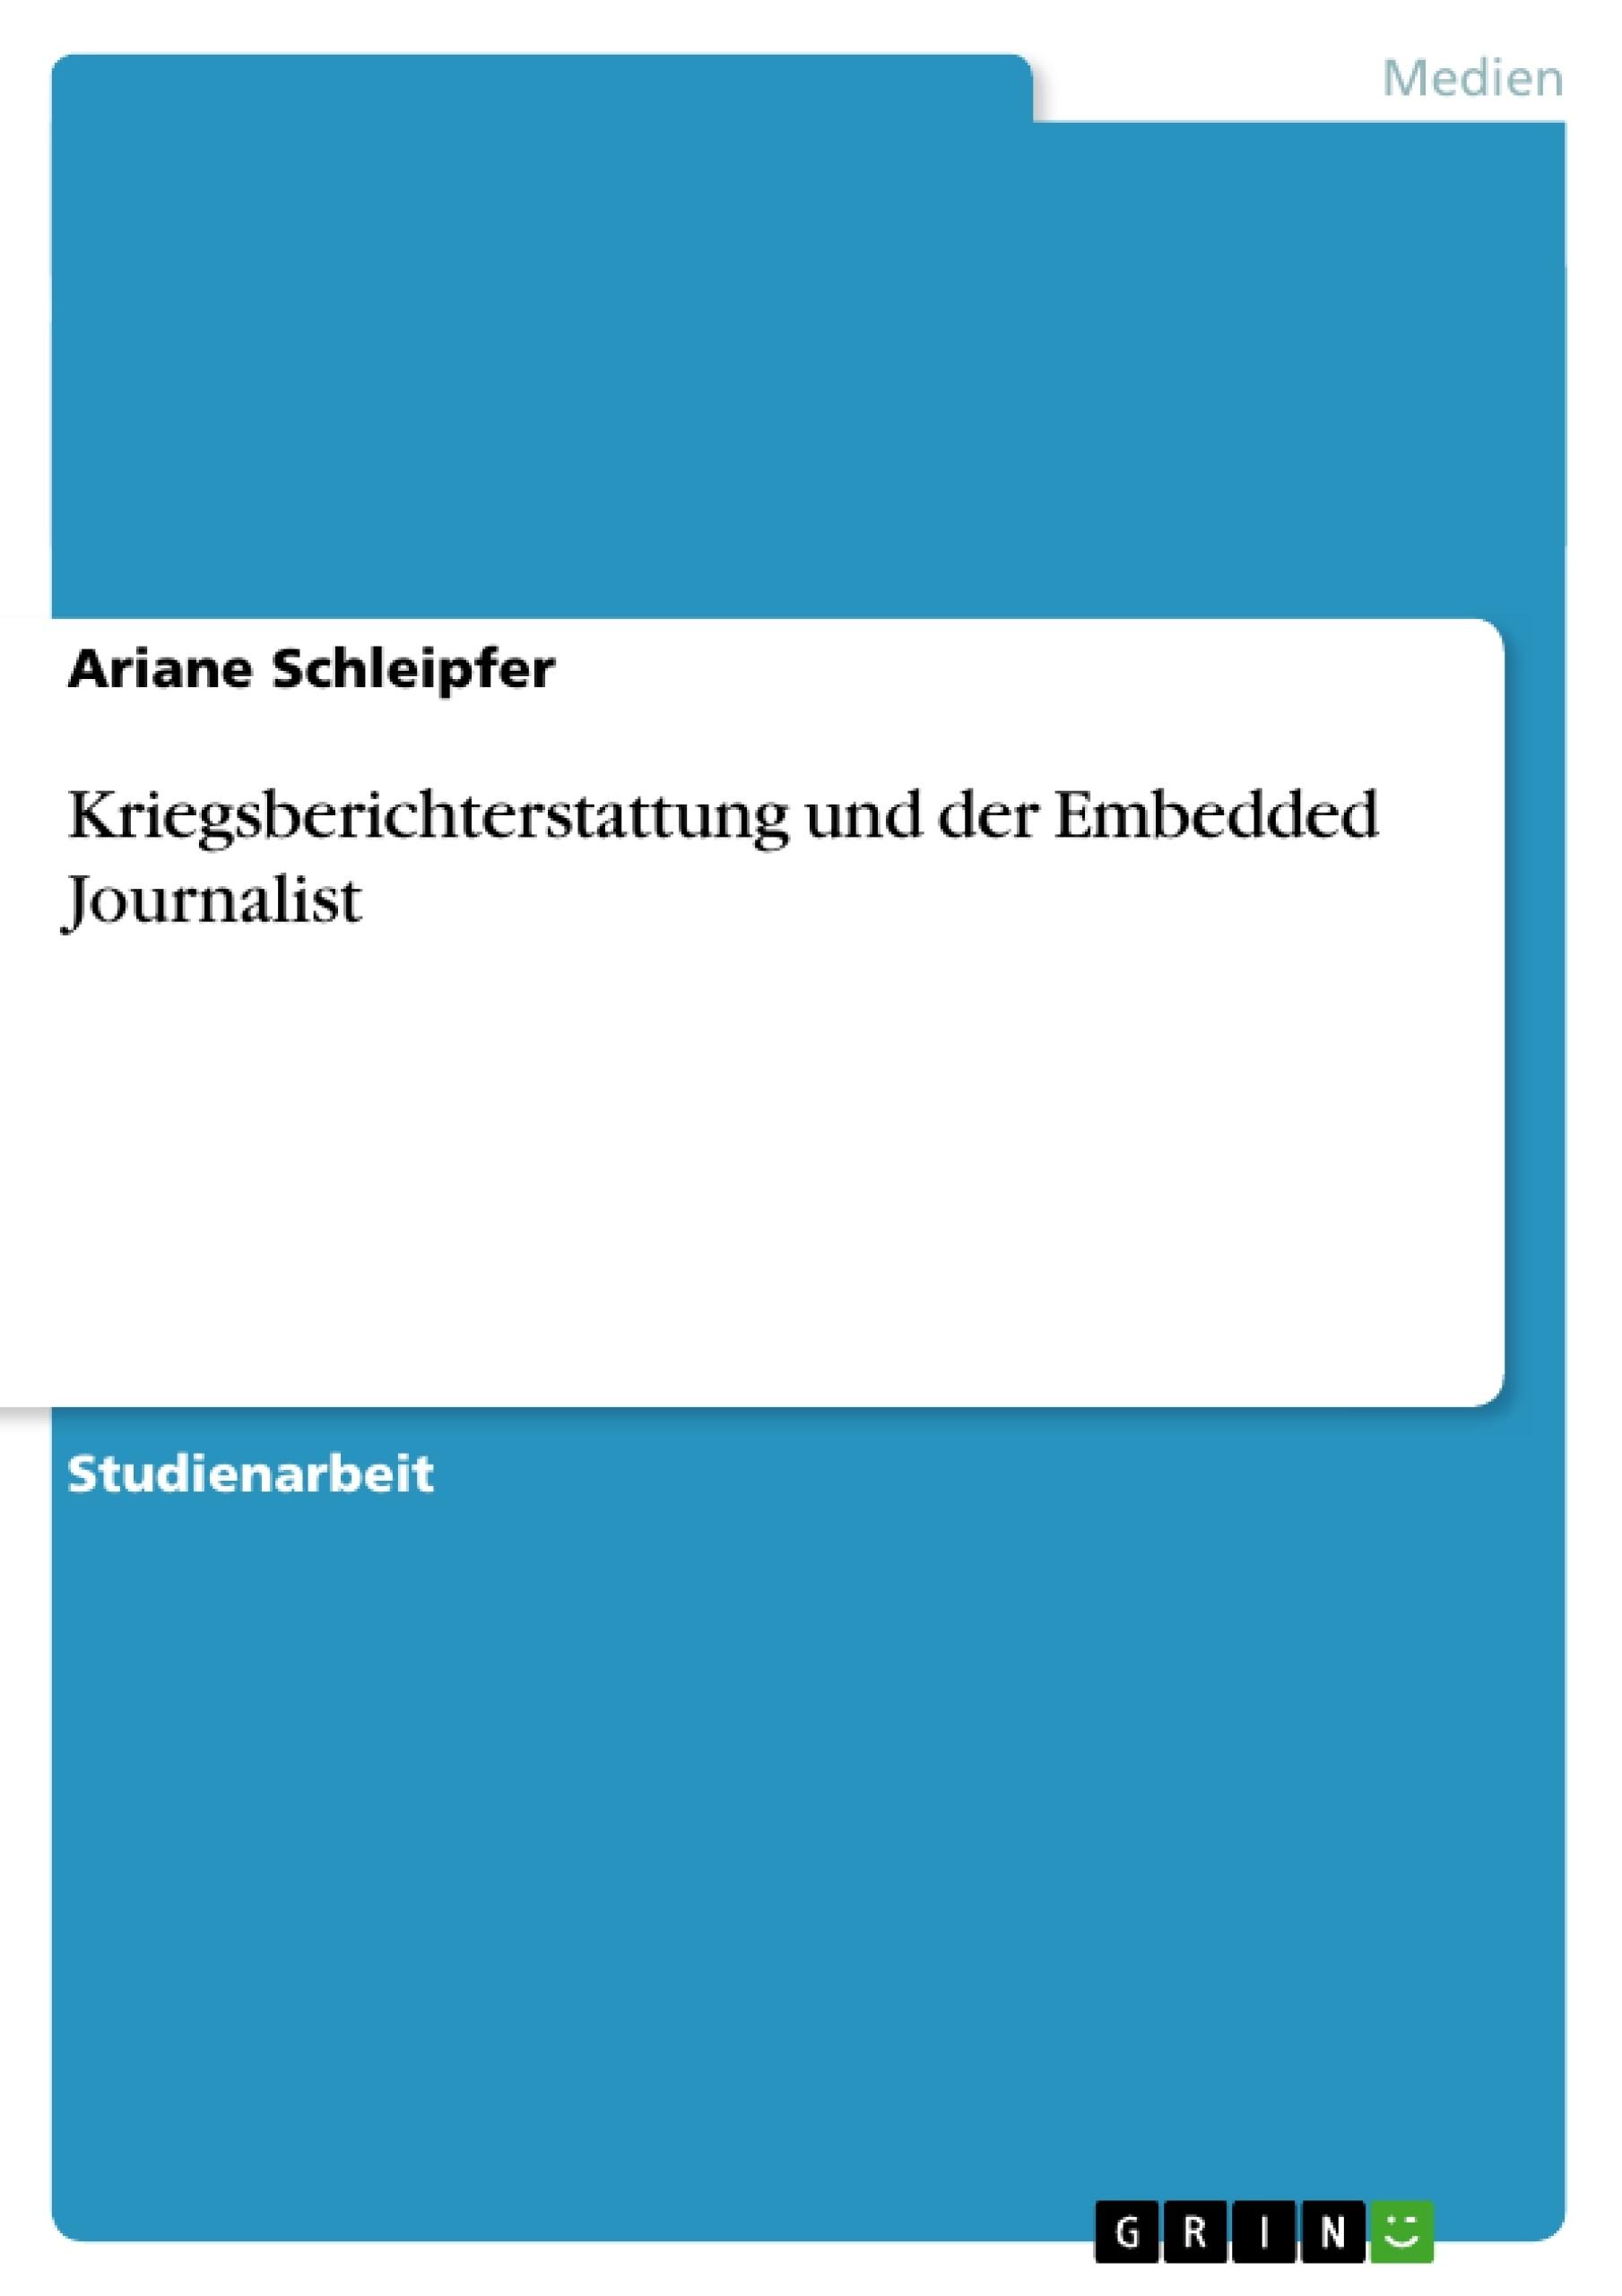 Titel: Kriegsberichterstattung und der Embedded Journalist